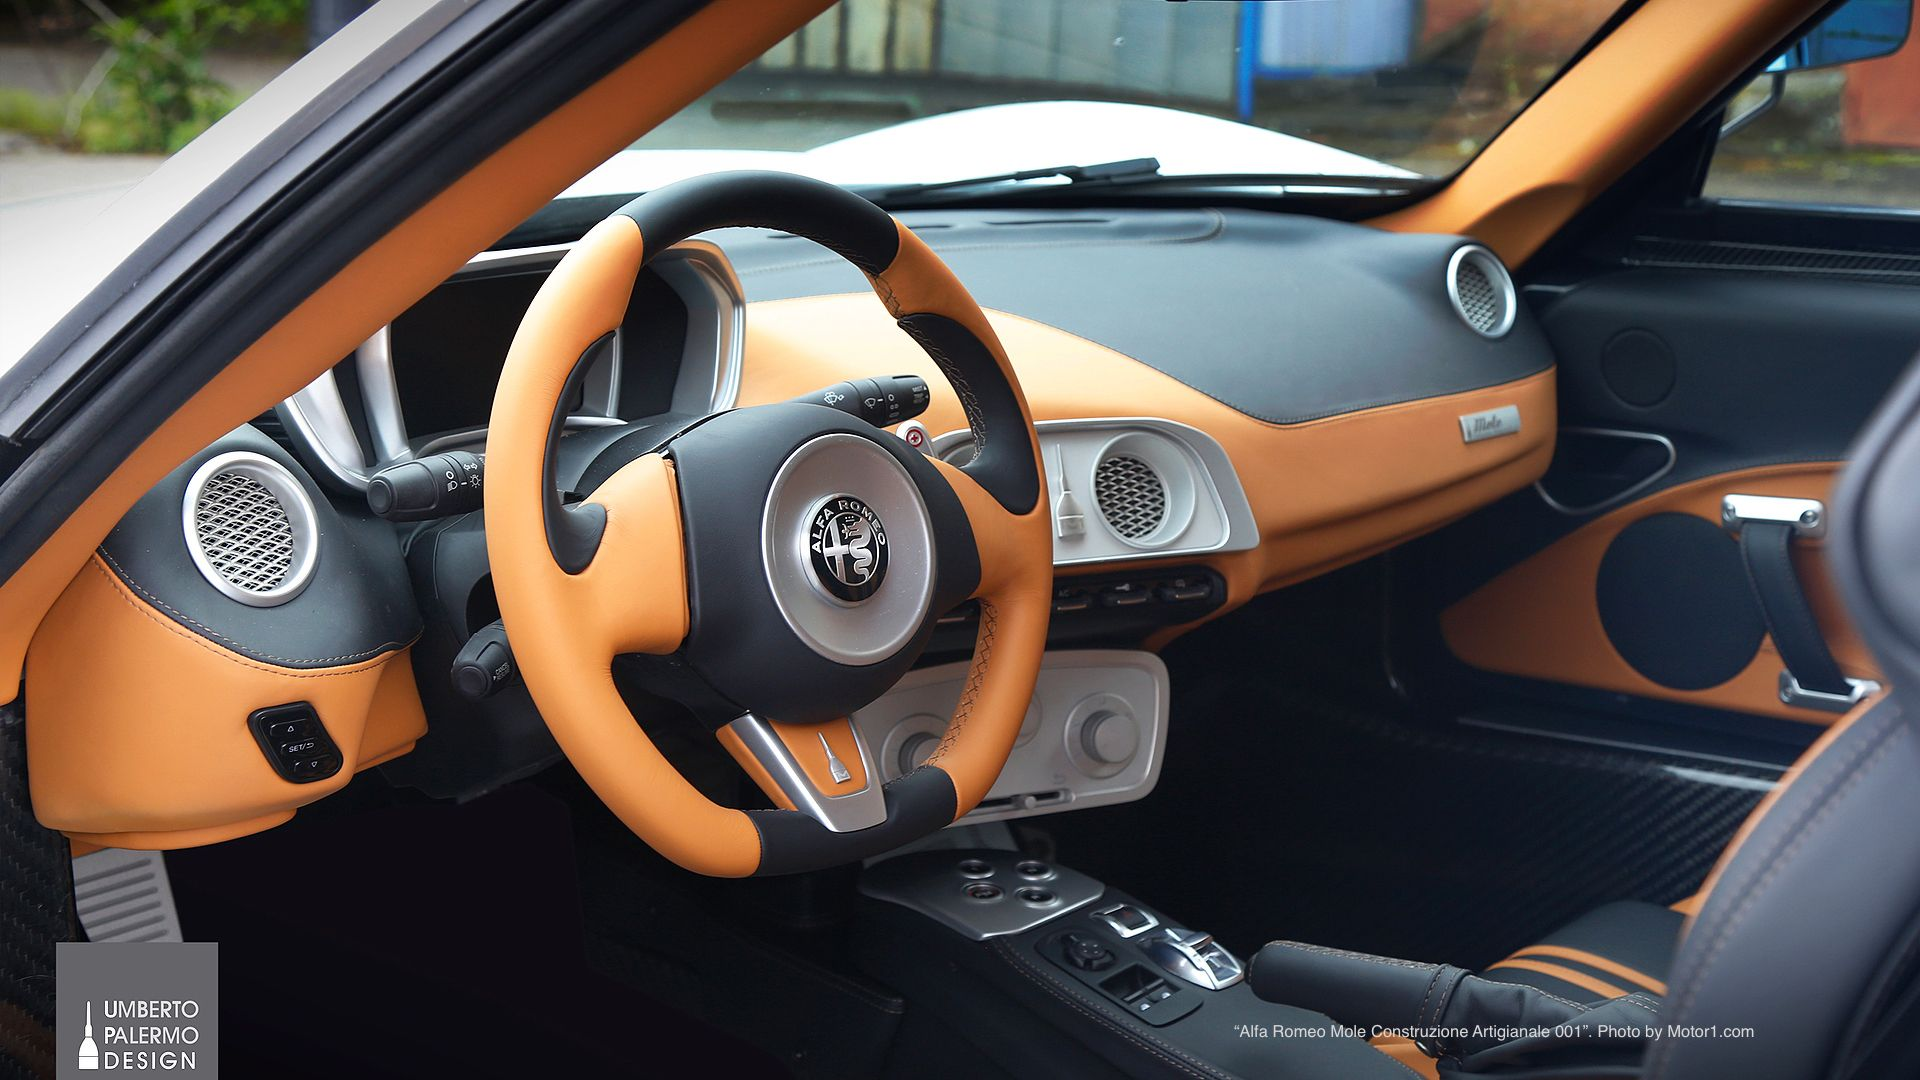 Alfa Romeo Mole Interior Italiansportscar Alfaromeo Mole Alfa